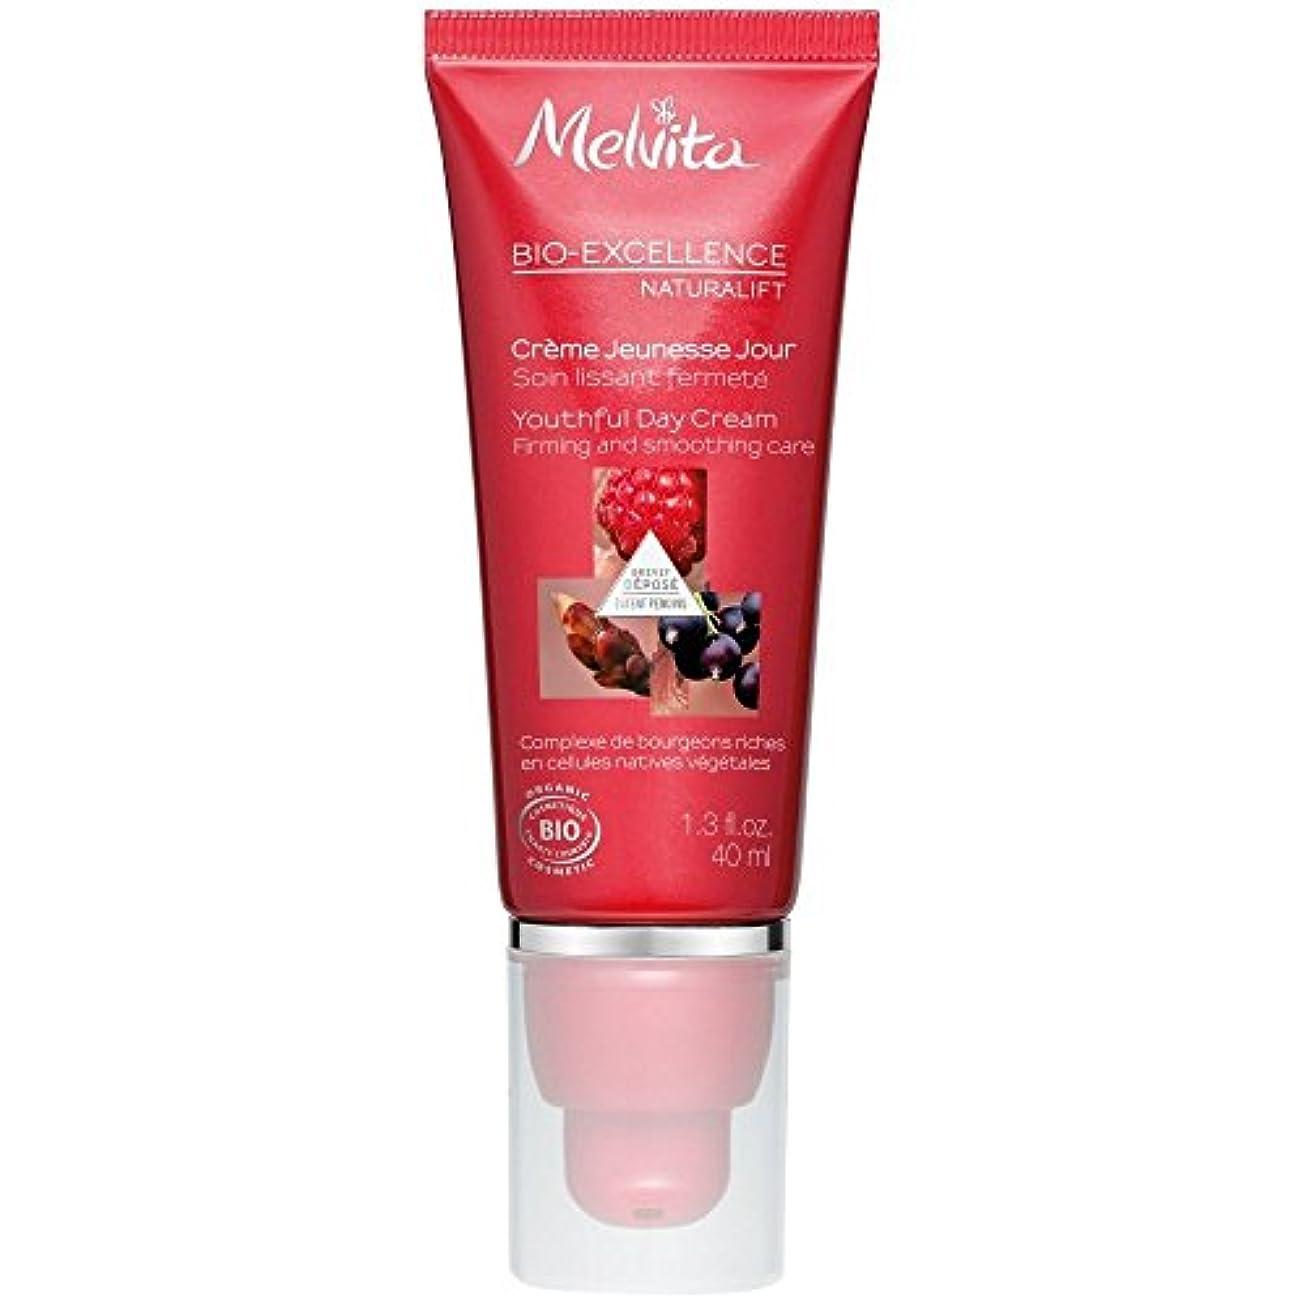 遵守する不愉快にインディカ[Melvita] メルヴィータバイオ優秀若々しいデイクリーム、40ミリリットル - Melvita Bio-Excellence Youthful Day Cream, 40ml [並行輸入品]